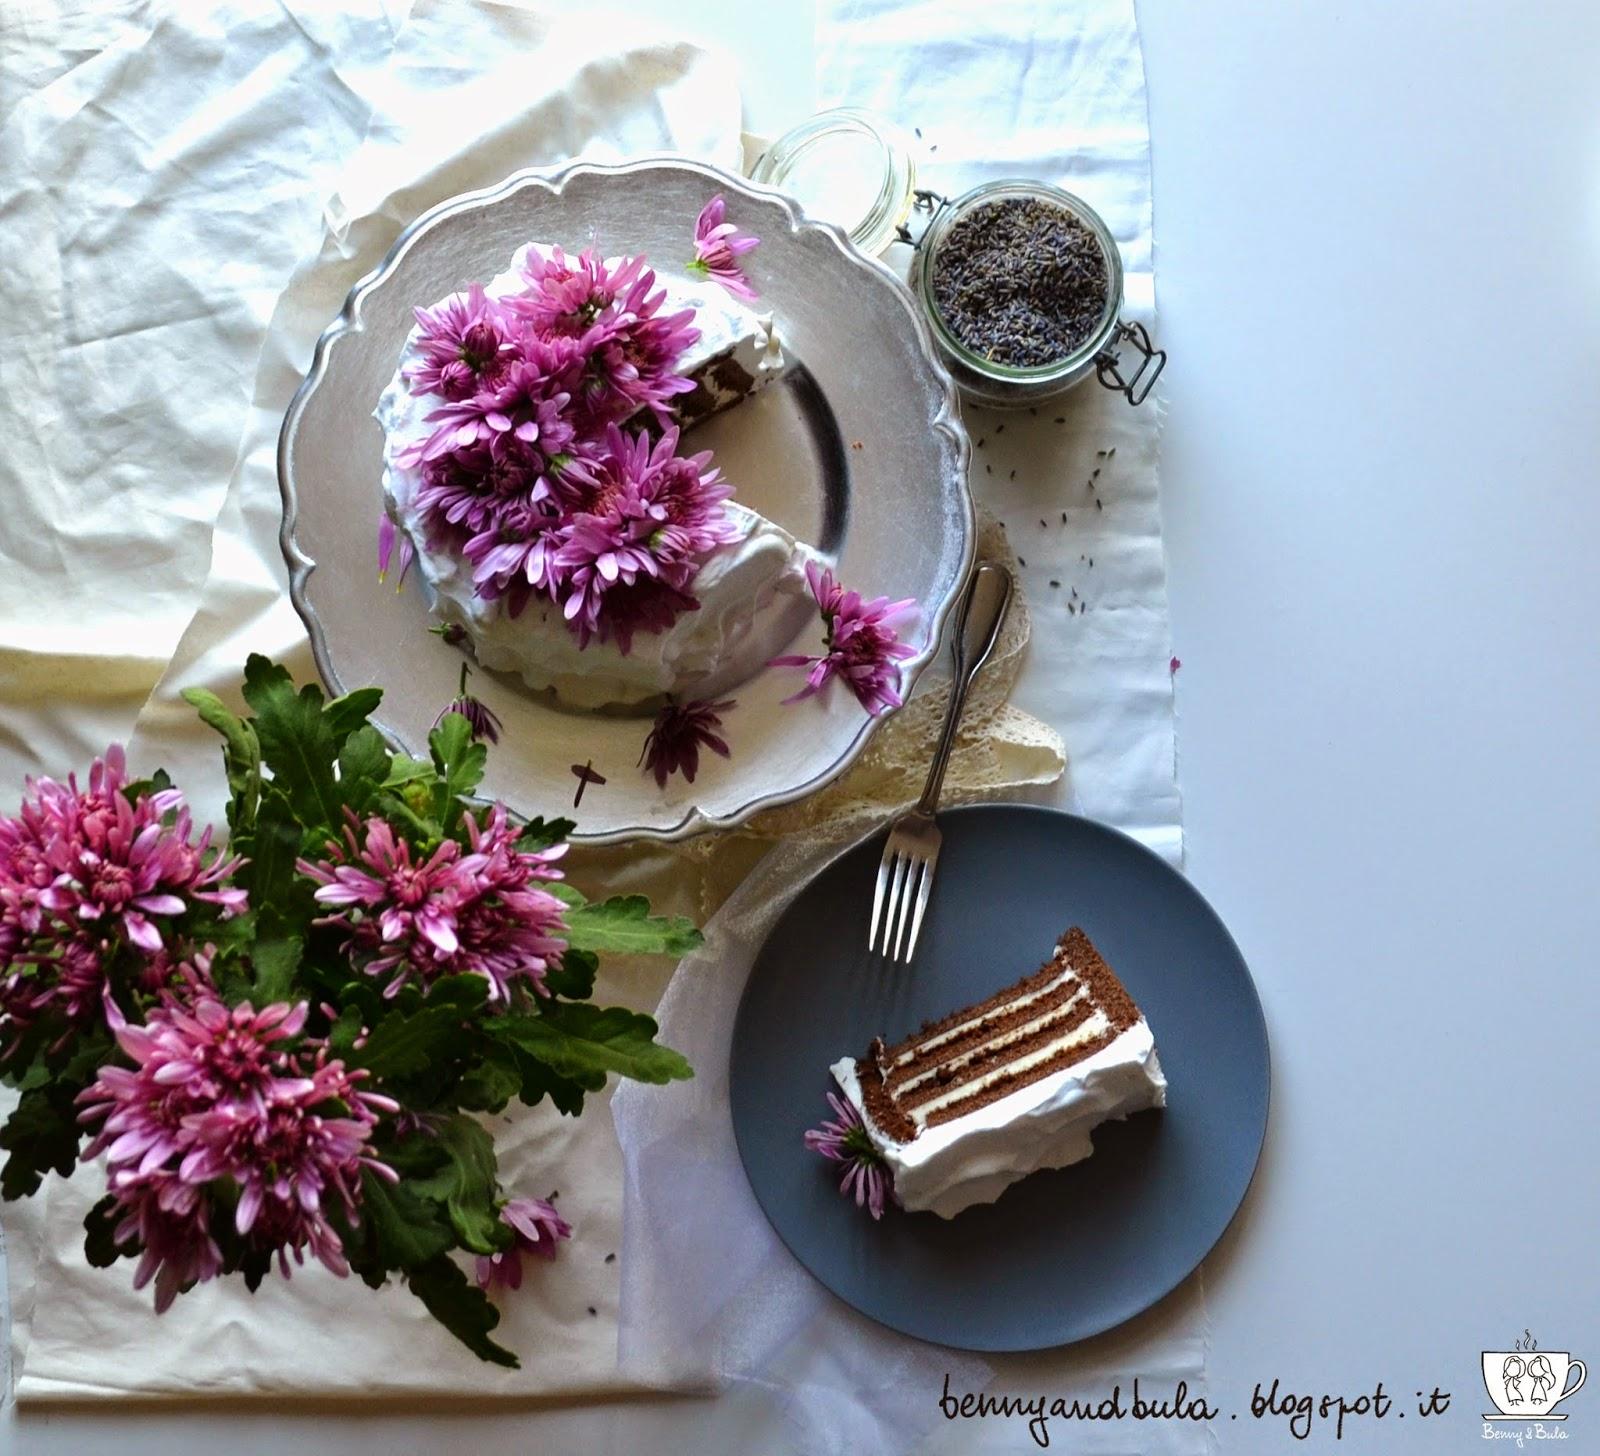 provencal coffee cake recipe with lavender and chocolate, vertical striped/ ricetta torta a strisce verticali con lavanda fondo di caffè e cioccolato